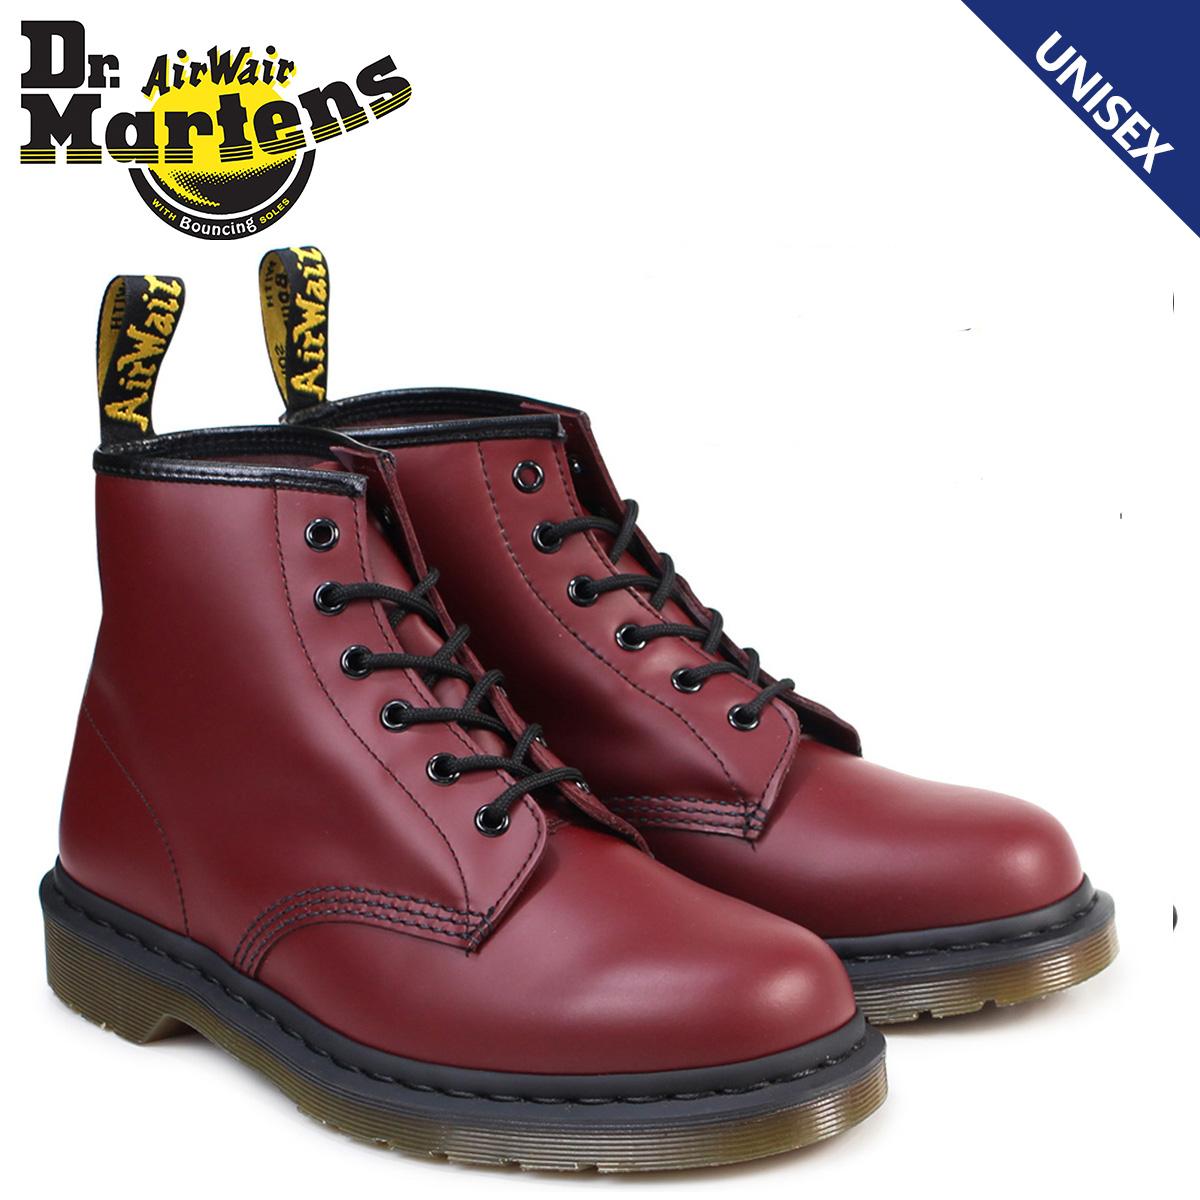 Dr.Martens 6ホール メンズ レディース ドクターマーチン 101 ブーツ 6EYE BOOT R10064600 チェリーレッド 赤